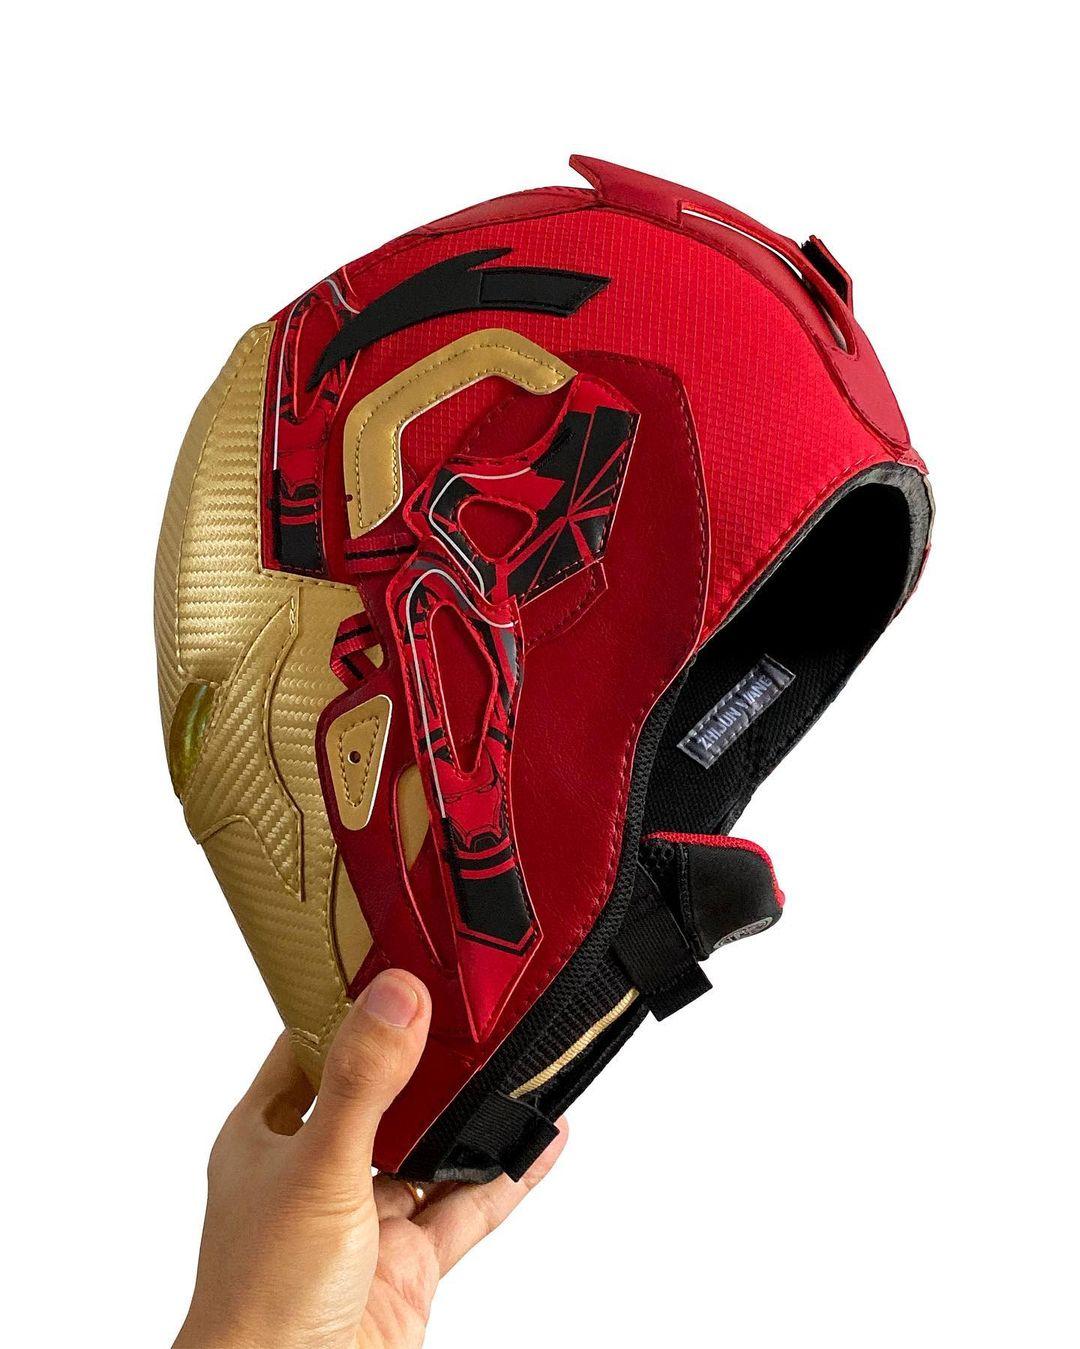 球鞋面具,口罩,韦德之道 9  有钱人会玩!把韦德之道 9 做成口罩!太帅了吧!